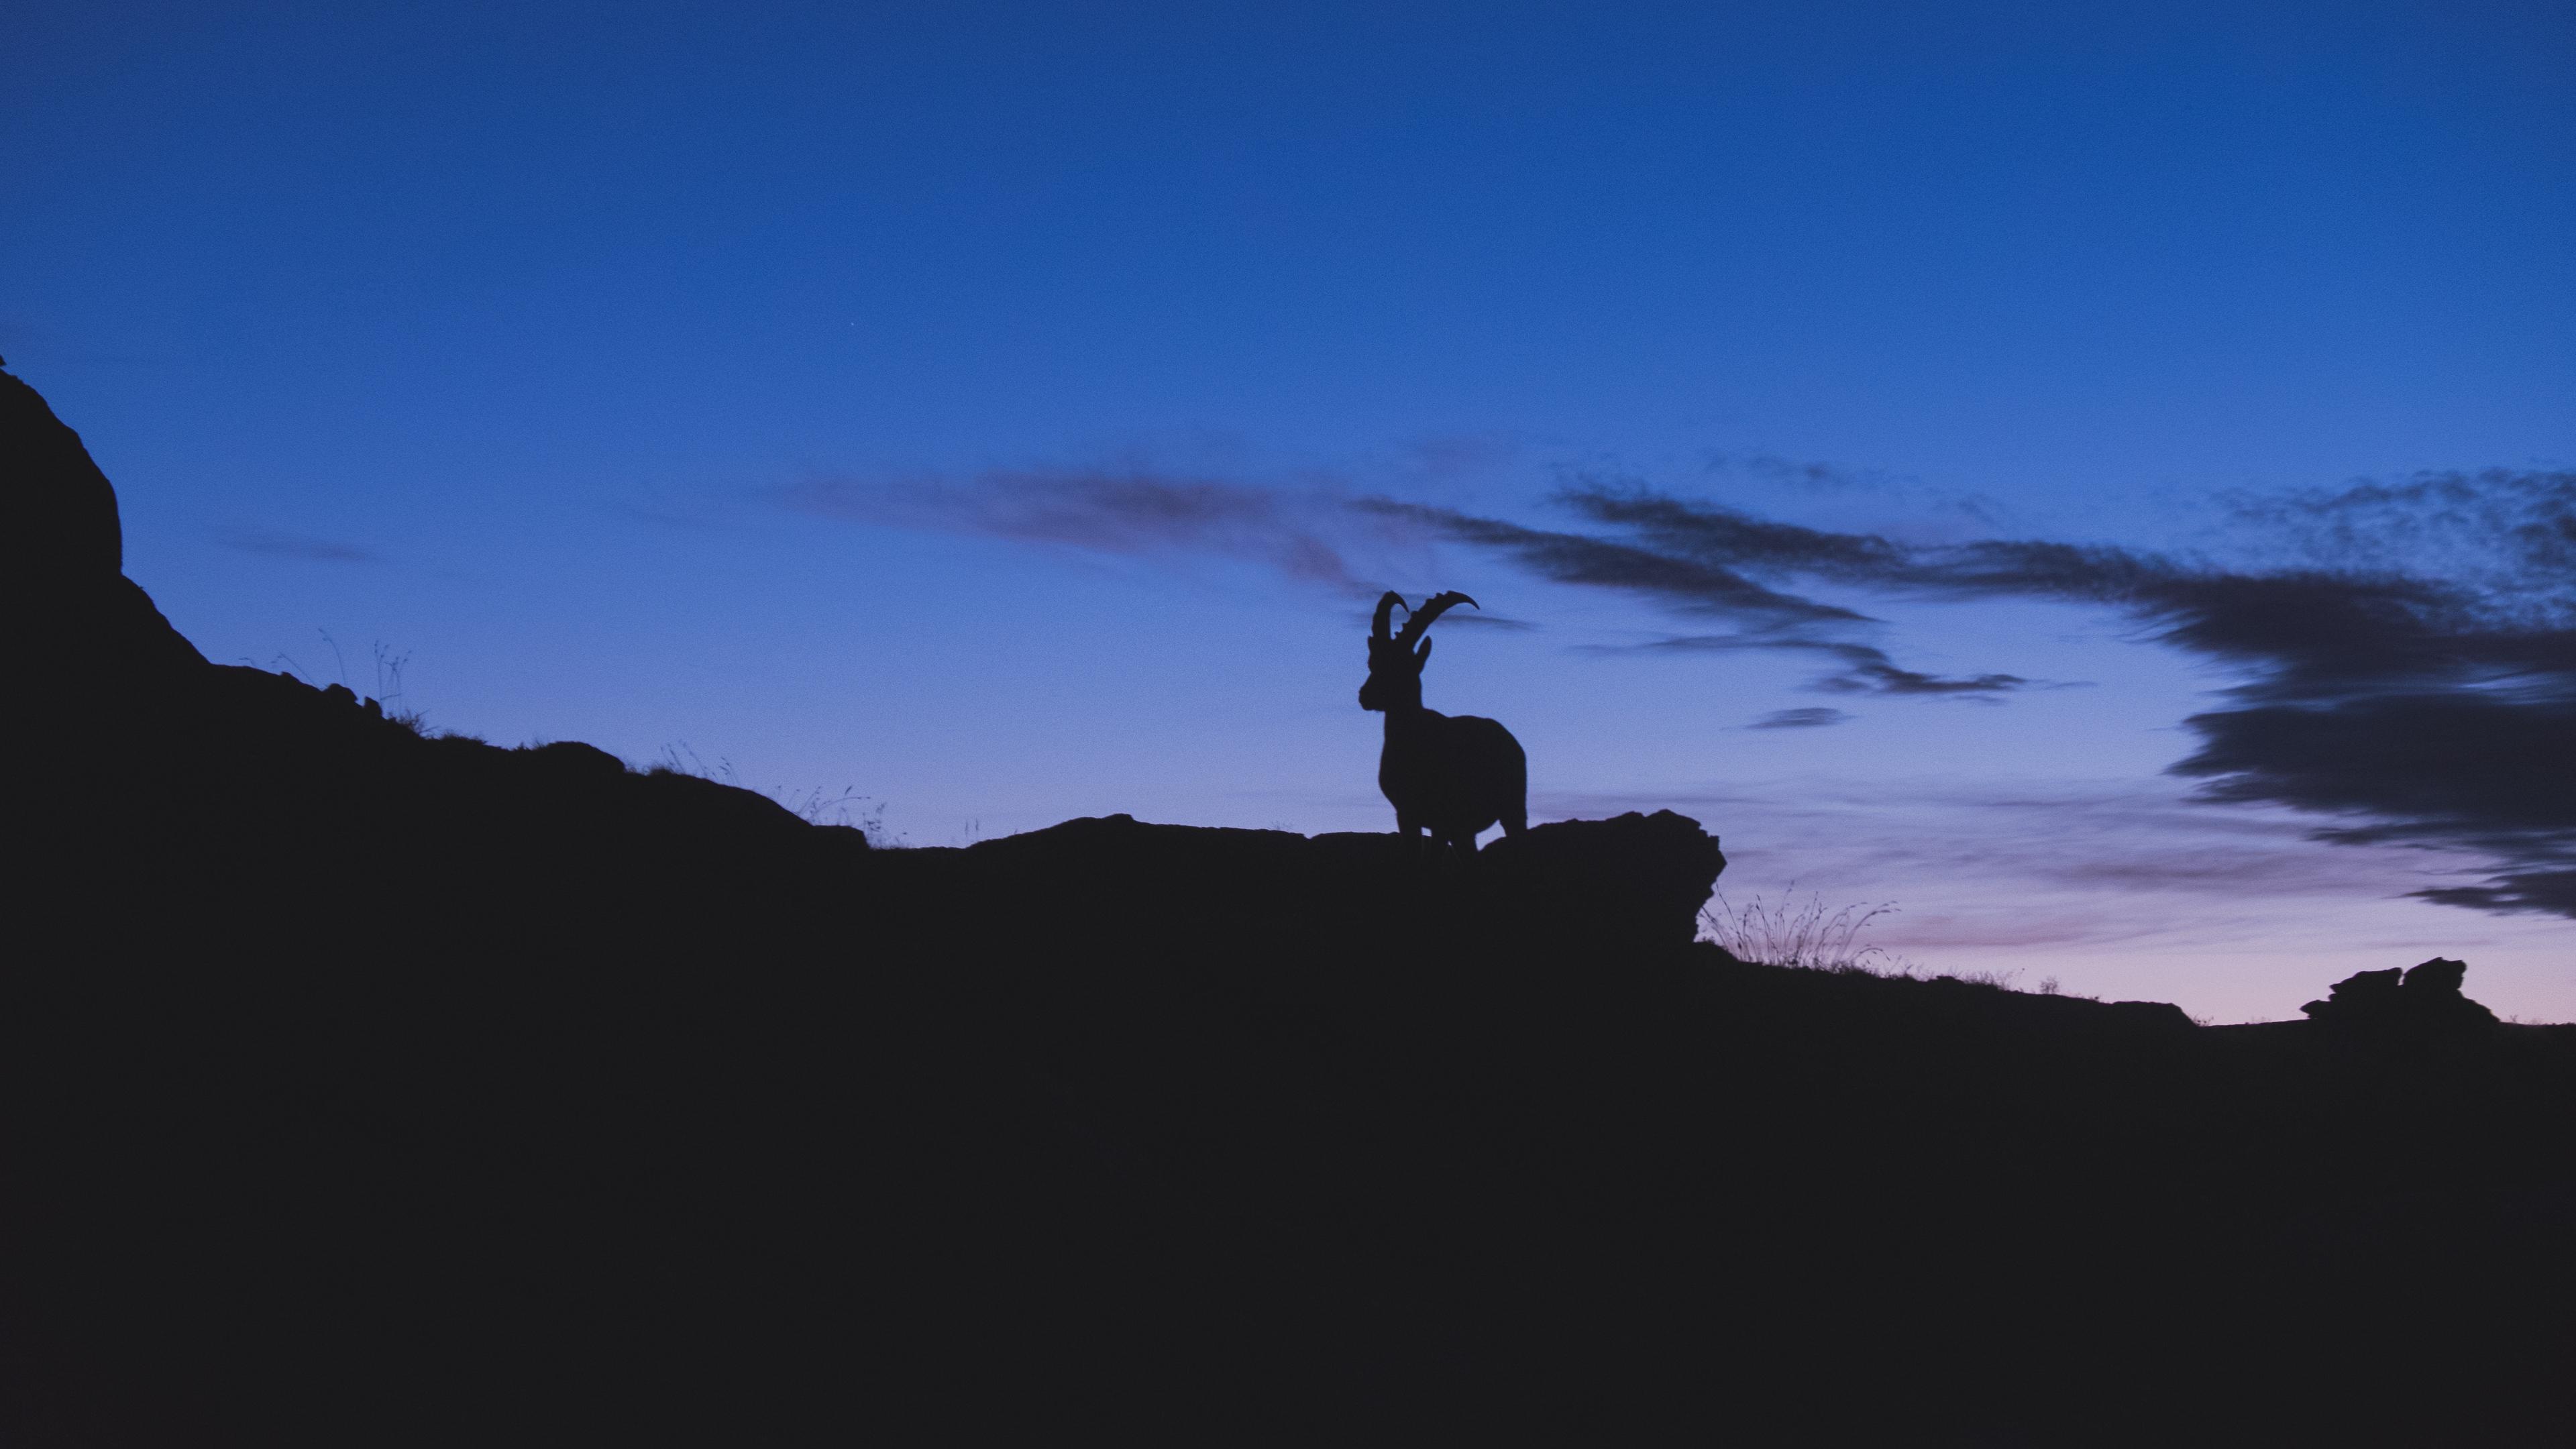 mountain goat silhouette night 4k 1540575120 - mountain goat, silhouette, night 4k - Silhouette, Night, mountain goat